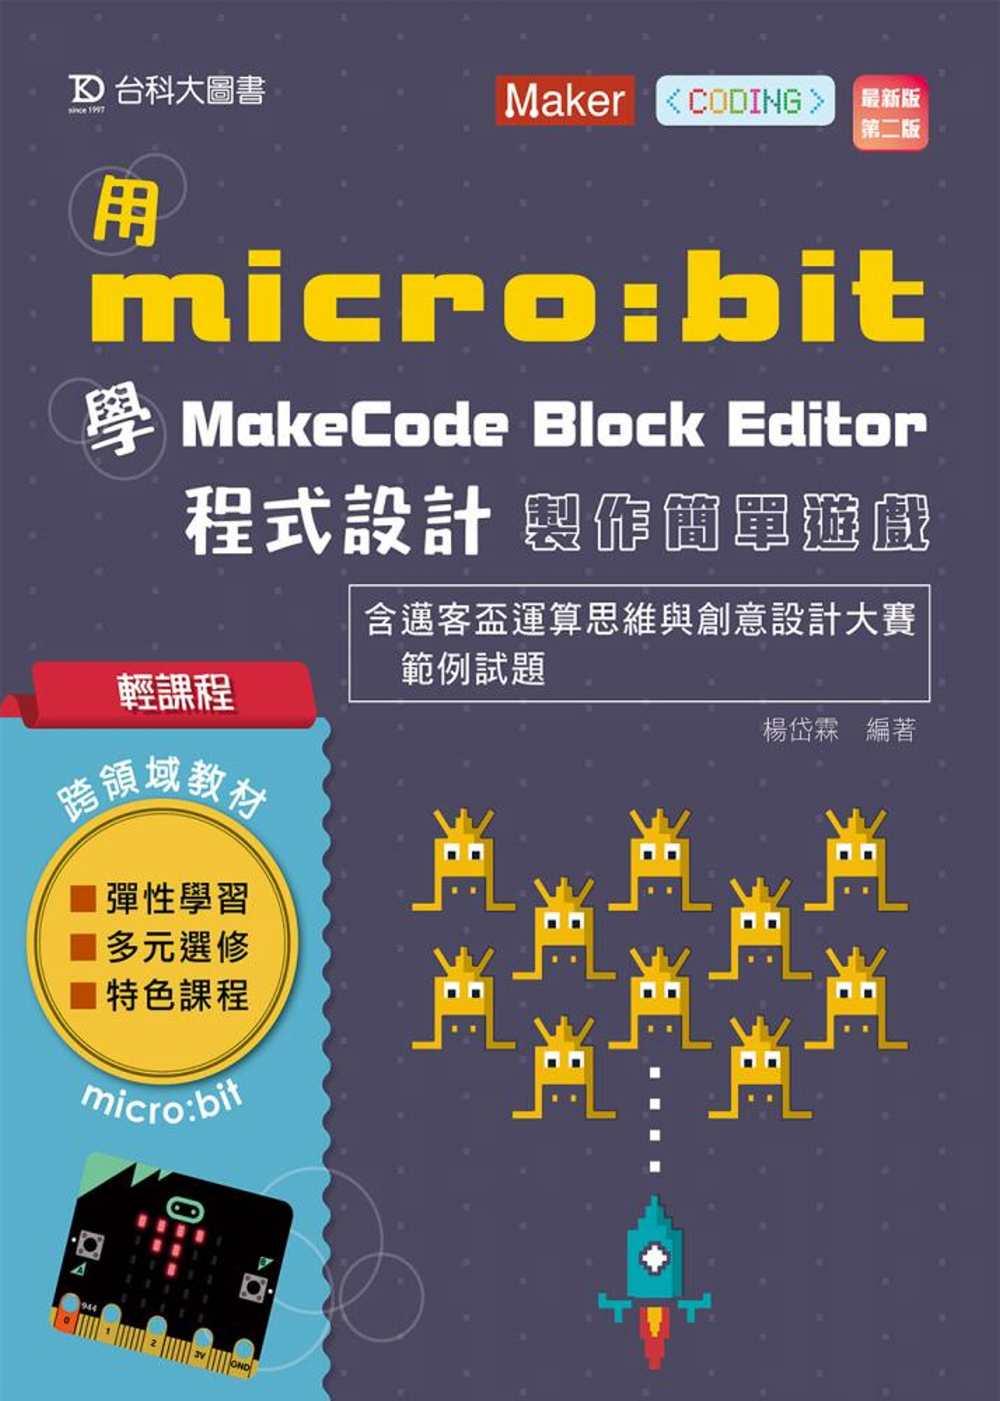 輕課程 用micro:bit 學MakeCode Block Editor 程式設計 製作簡單遊戲含邁客盃運算思維與創意設計大賽範例試題最新版(第二版)